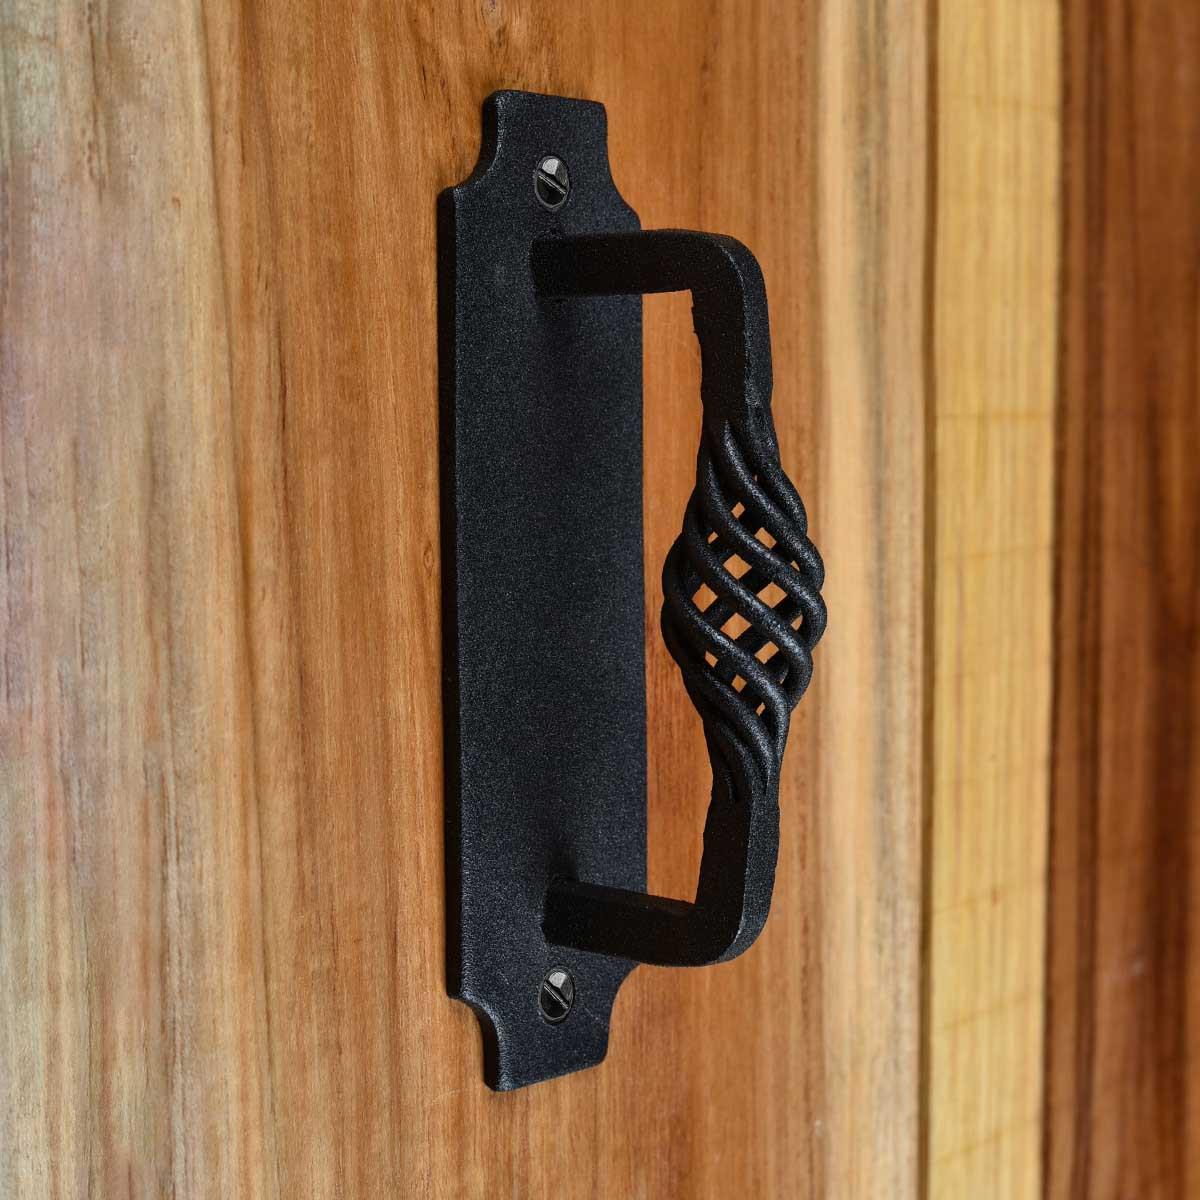 2 Door or Drawer Pull Birdcage Black Wrought Iron 5 12 Unique Birdcage Door Pull Door Pulls